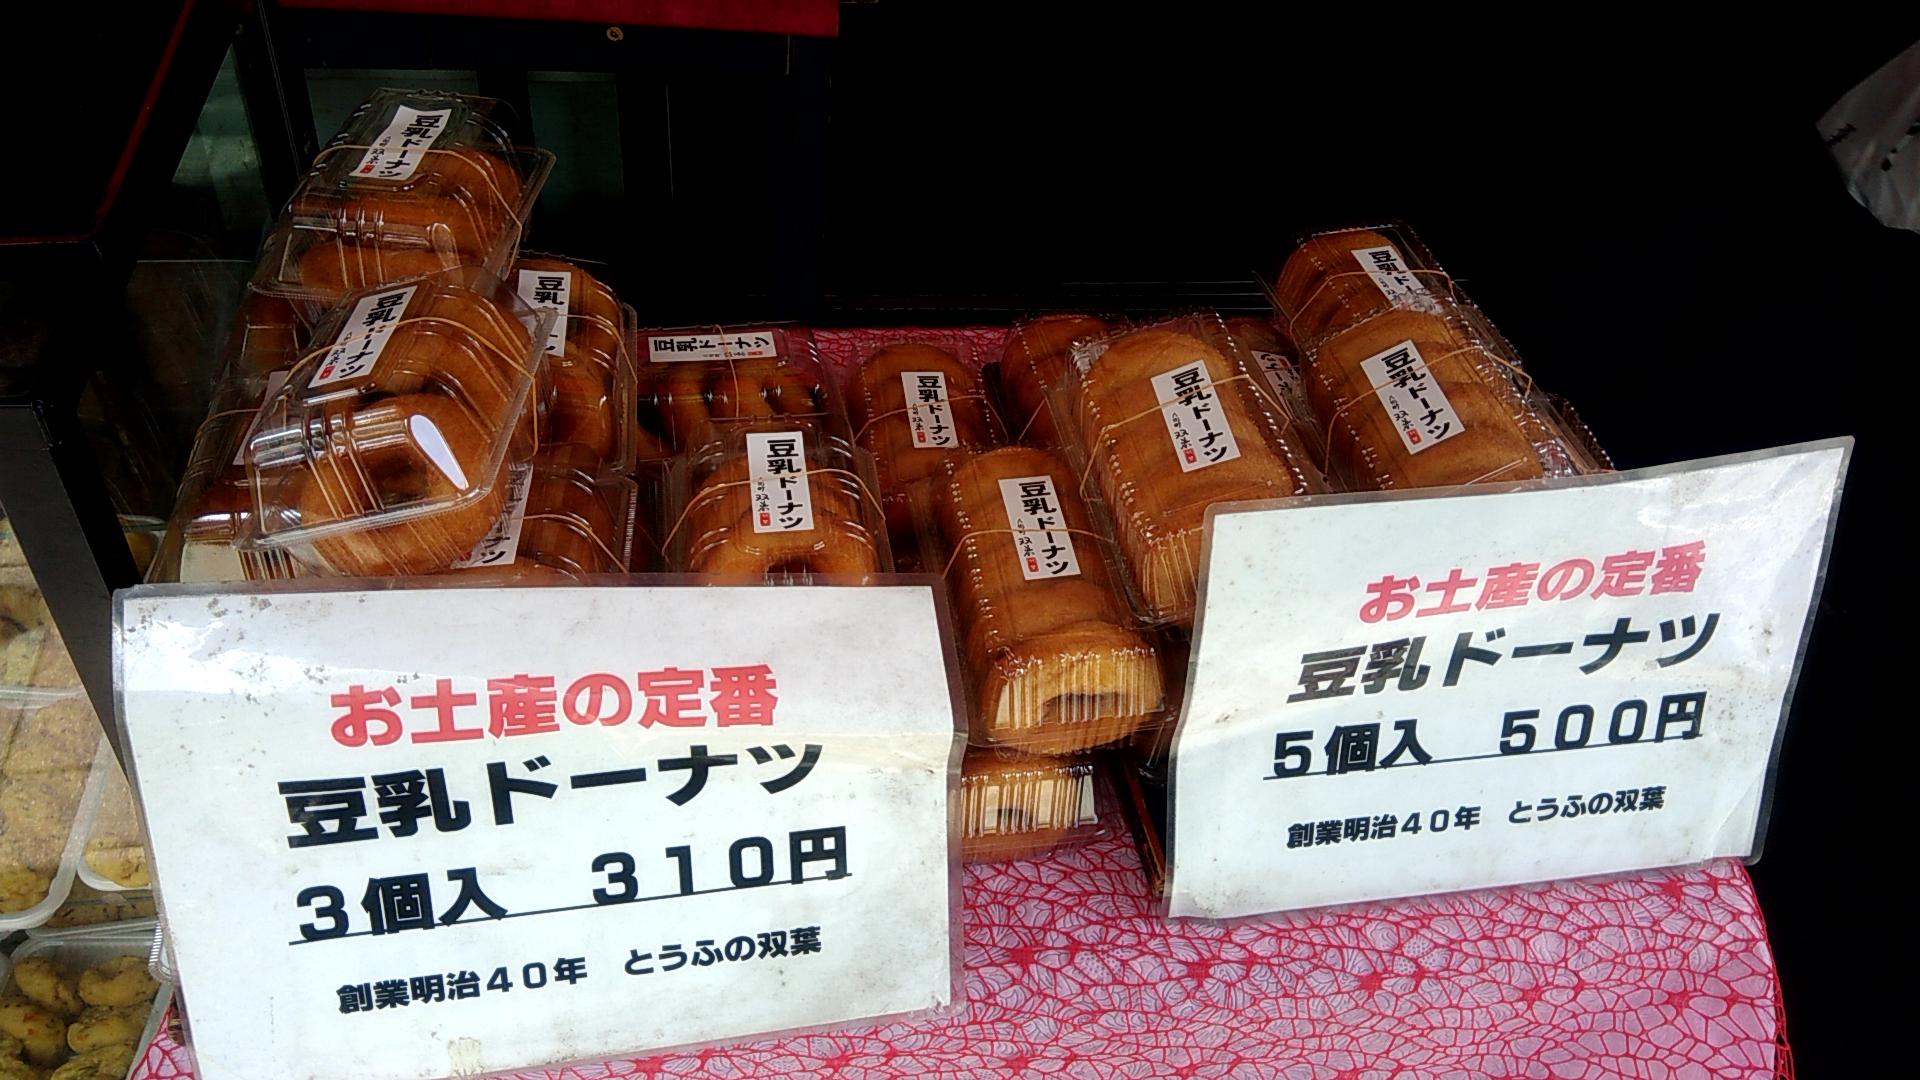 1個100円!ふわふわ豆乳ドーナツがうまい!超老舗豆腐屋「双葉」